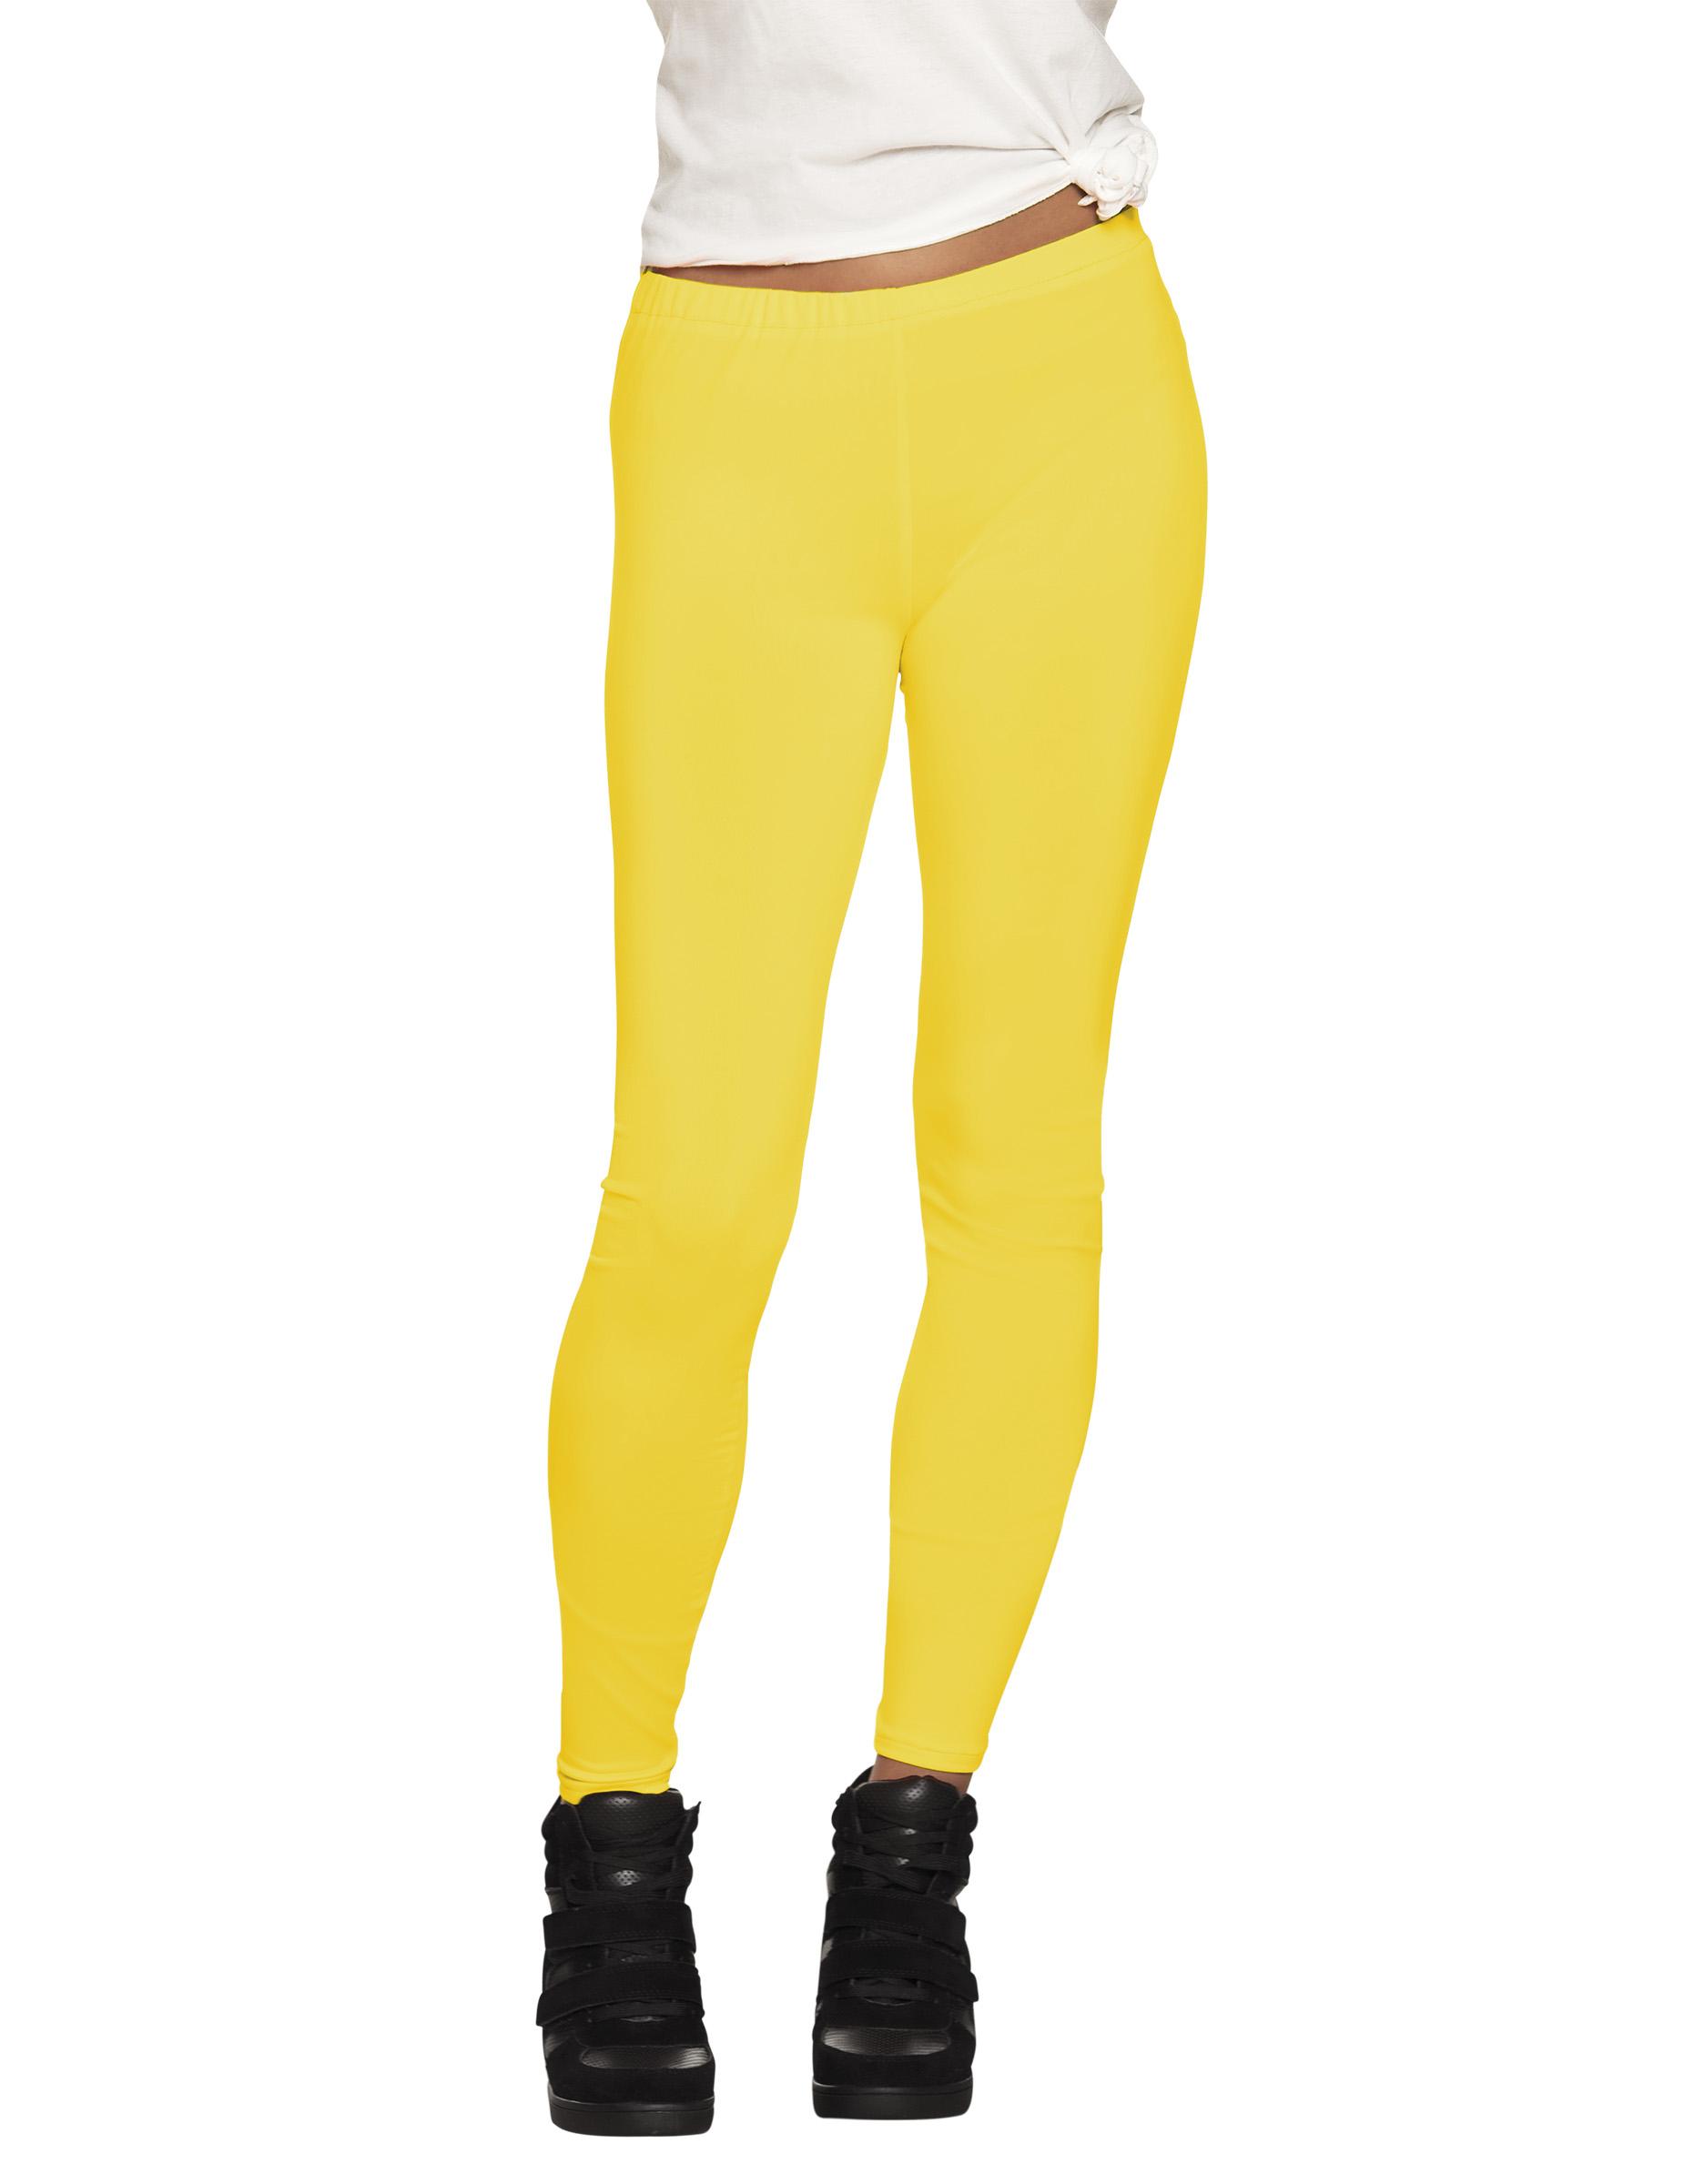 Legging jaune fluo adulte   Deguise-toi d61a48cc1eb